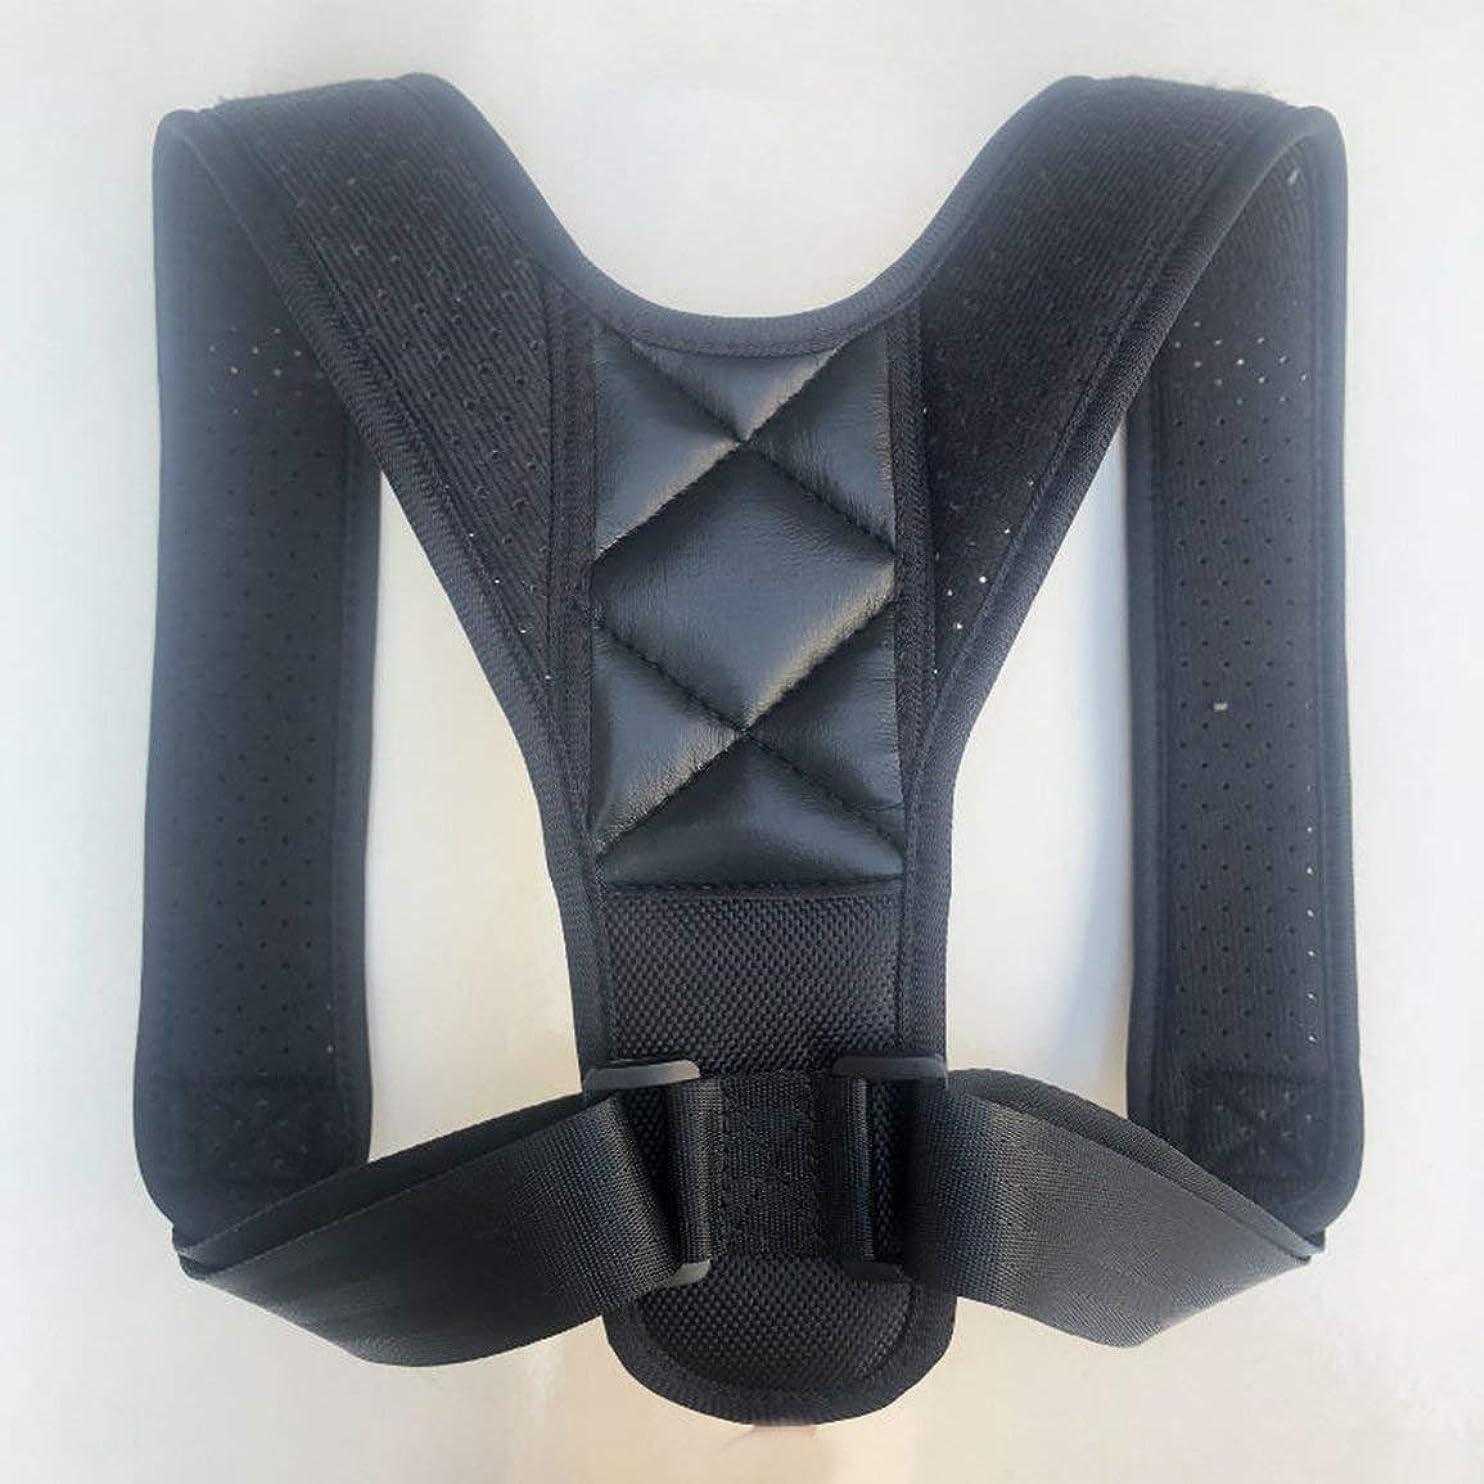 建築家金銭的努力アッパーバックポスチャーコレクター姿勢鎖骨サポートコレクターバックストレートショルダーブレースストラップコレクター - ブラック